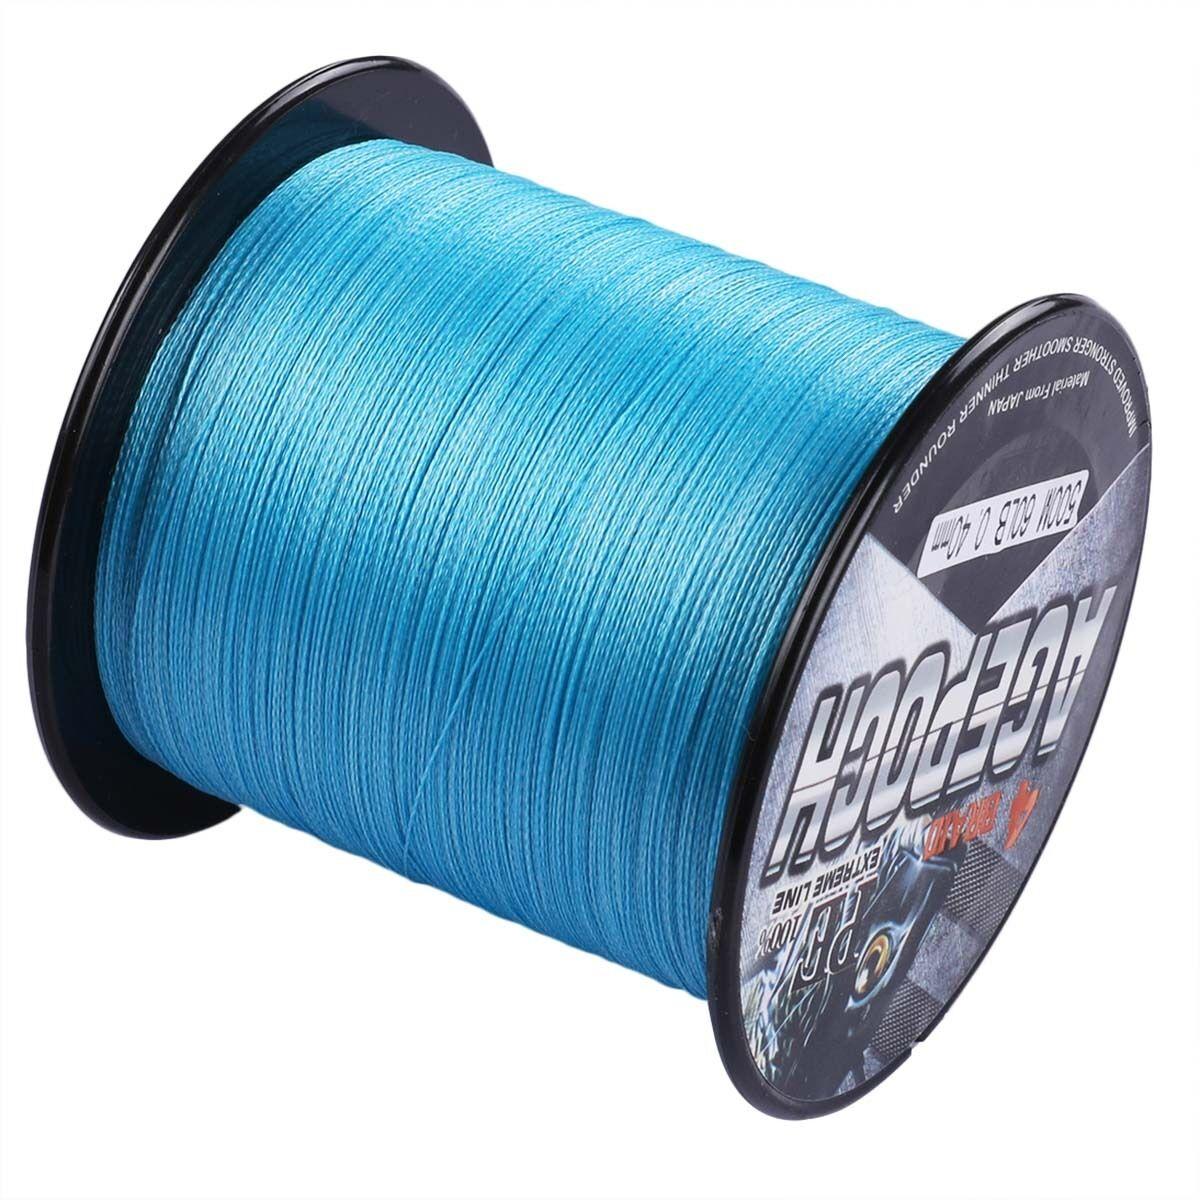 Superb Braid Line 100M-2000M 6-300LB Pro bluee Dyneema Braided Fishing Line